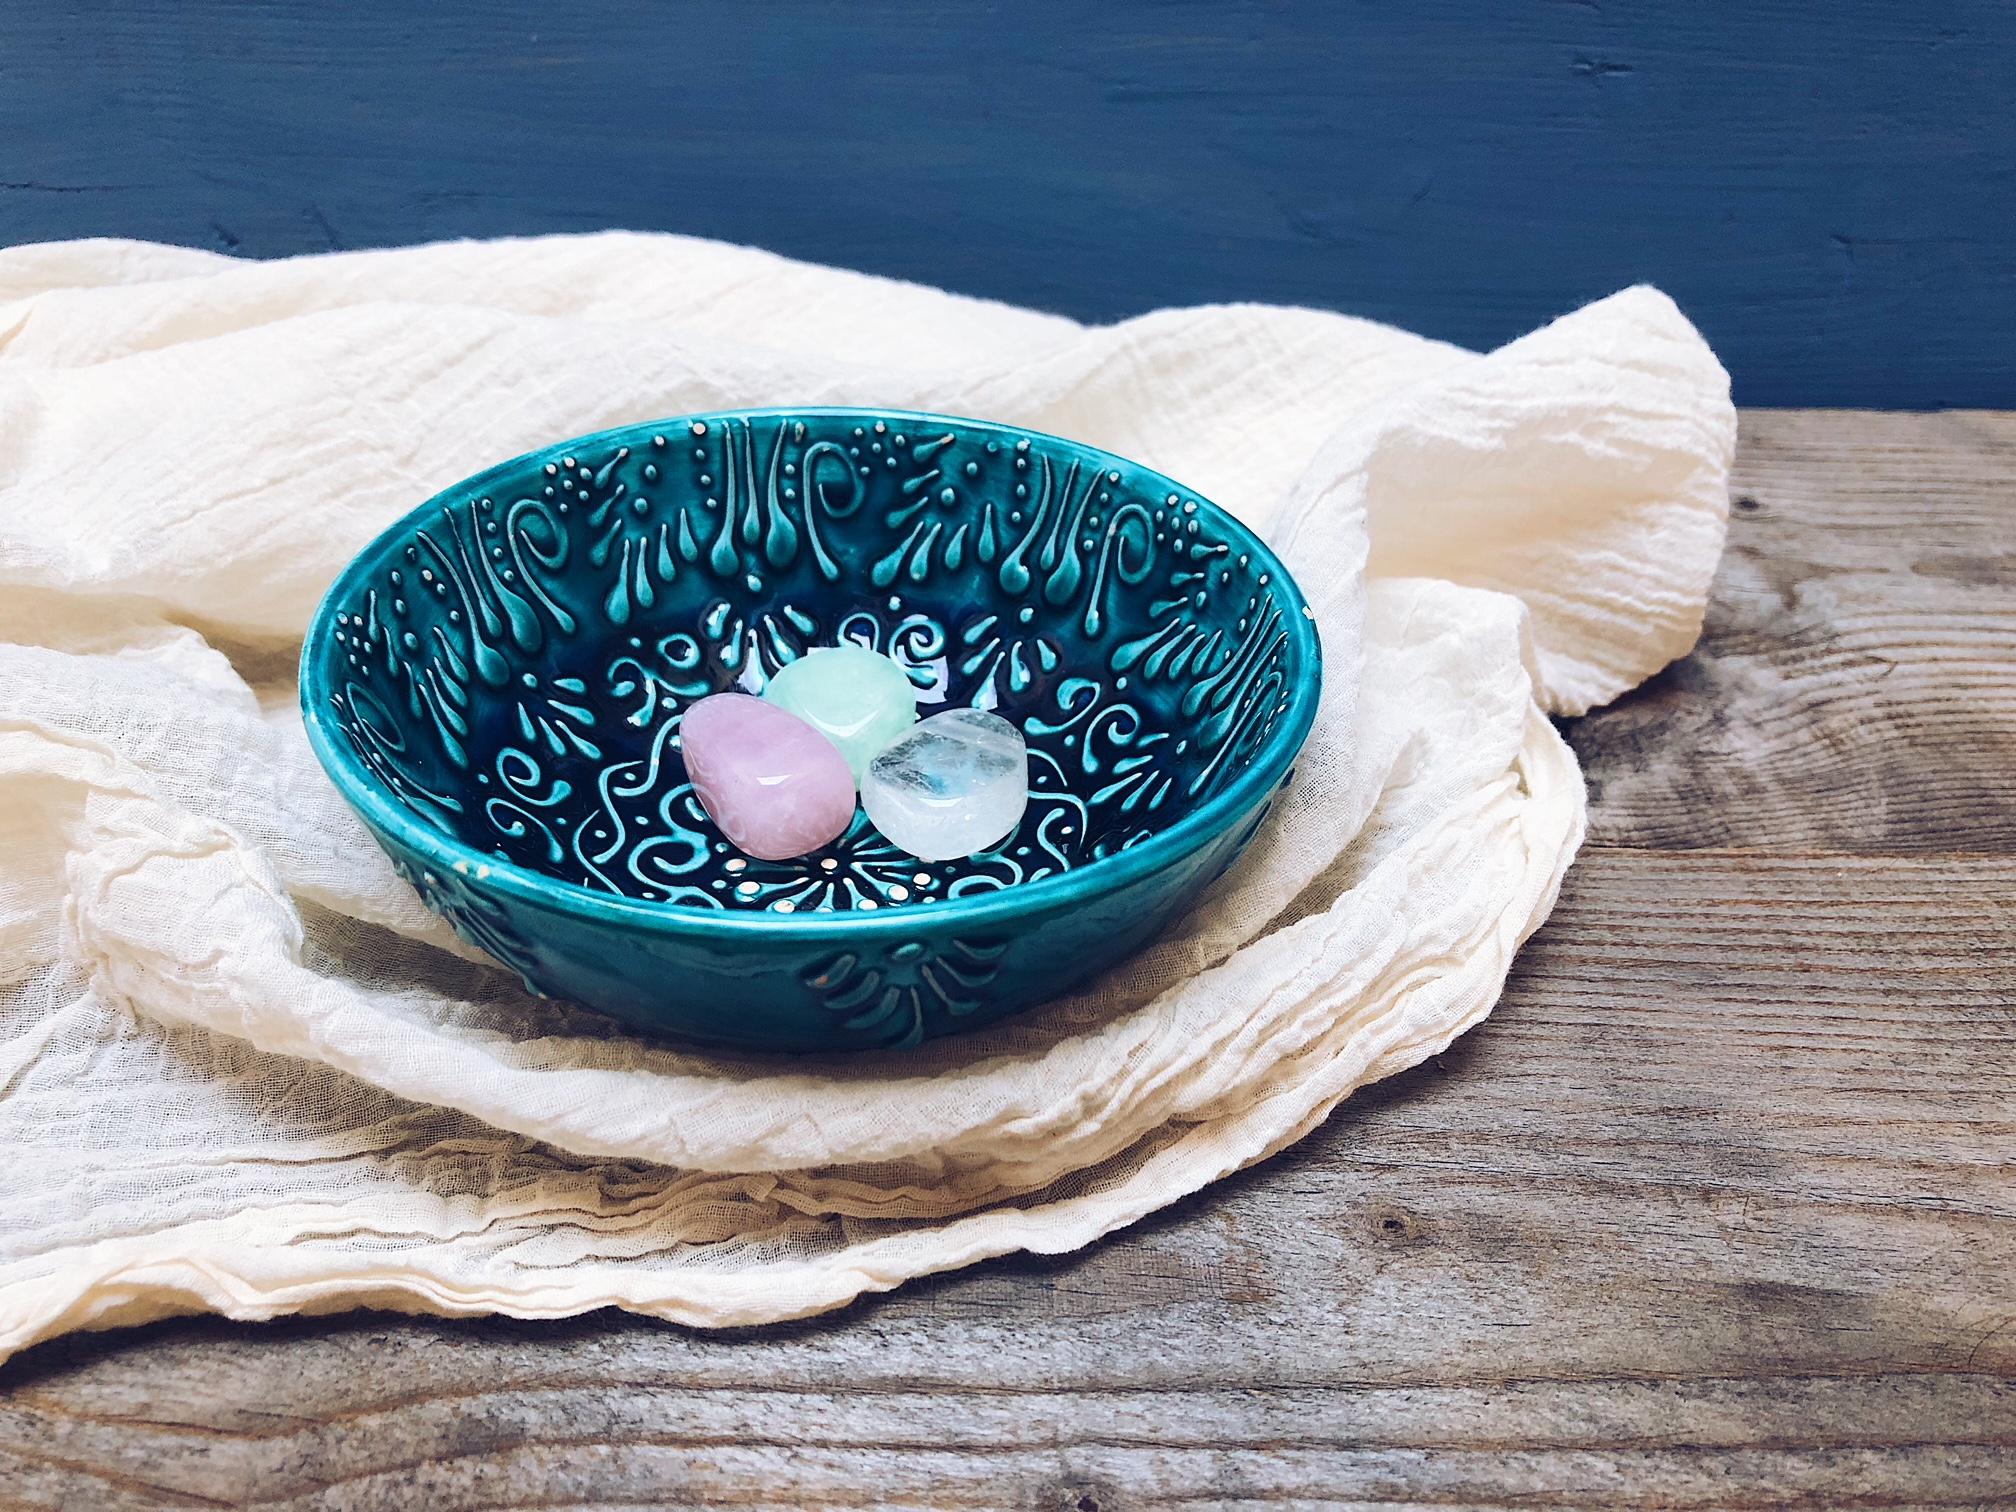 pietre in una scodella di ceramica blu su stoffa bianca e fondale di legno - tatianaberlaffa.com